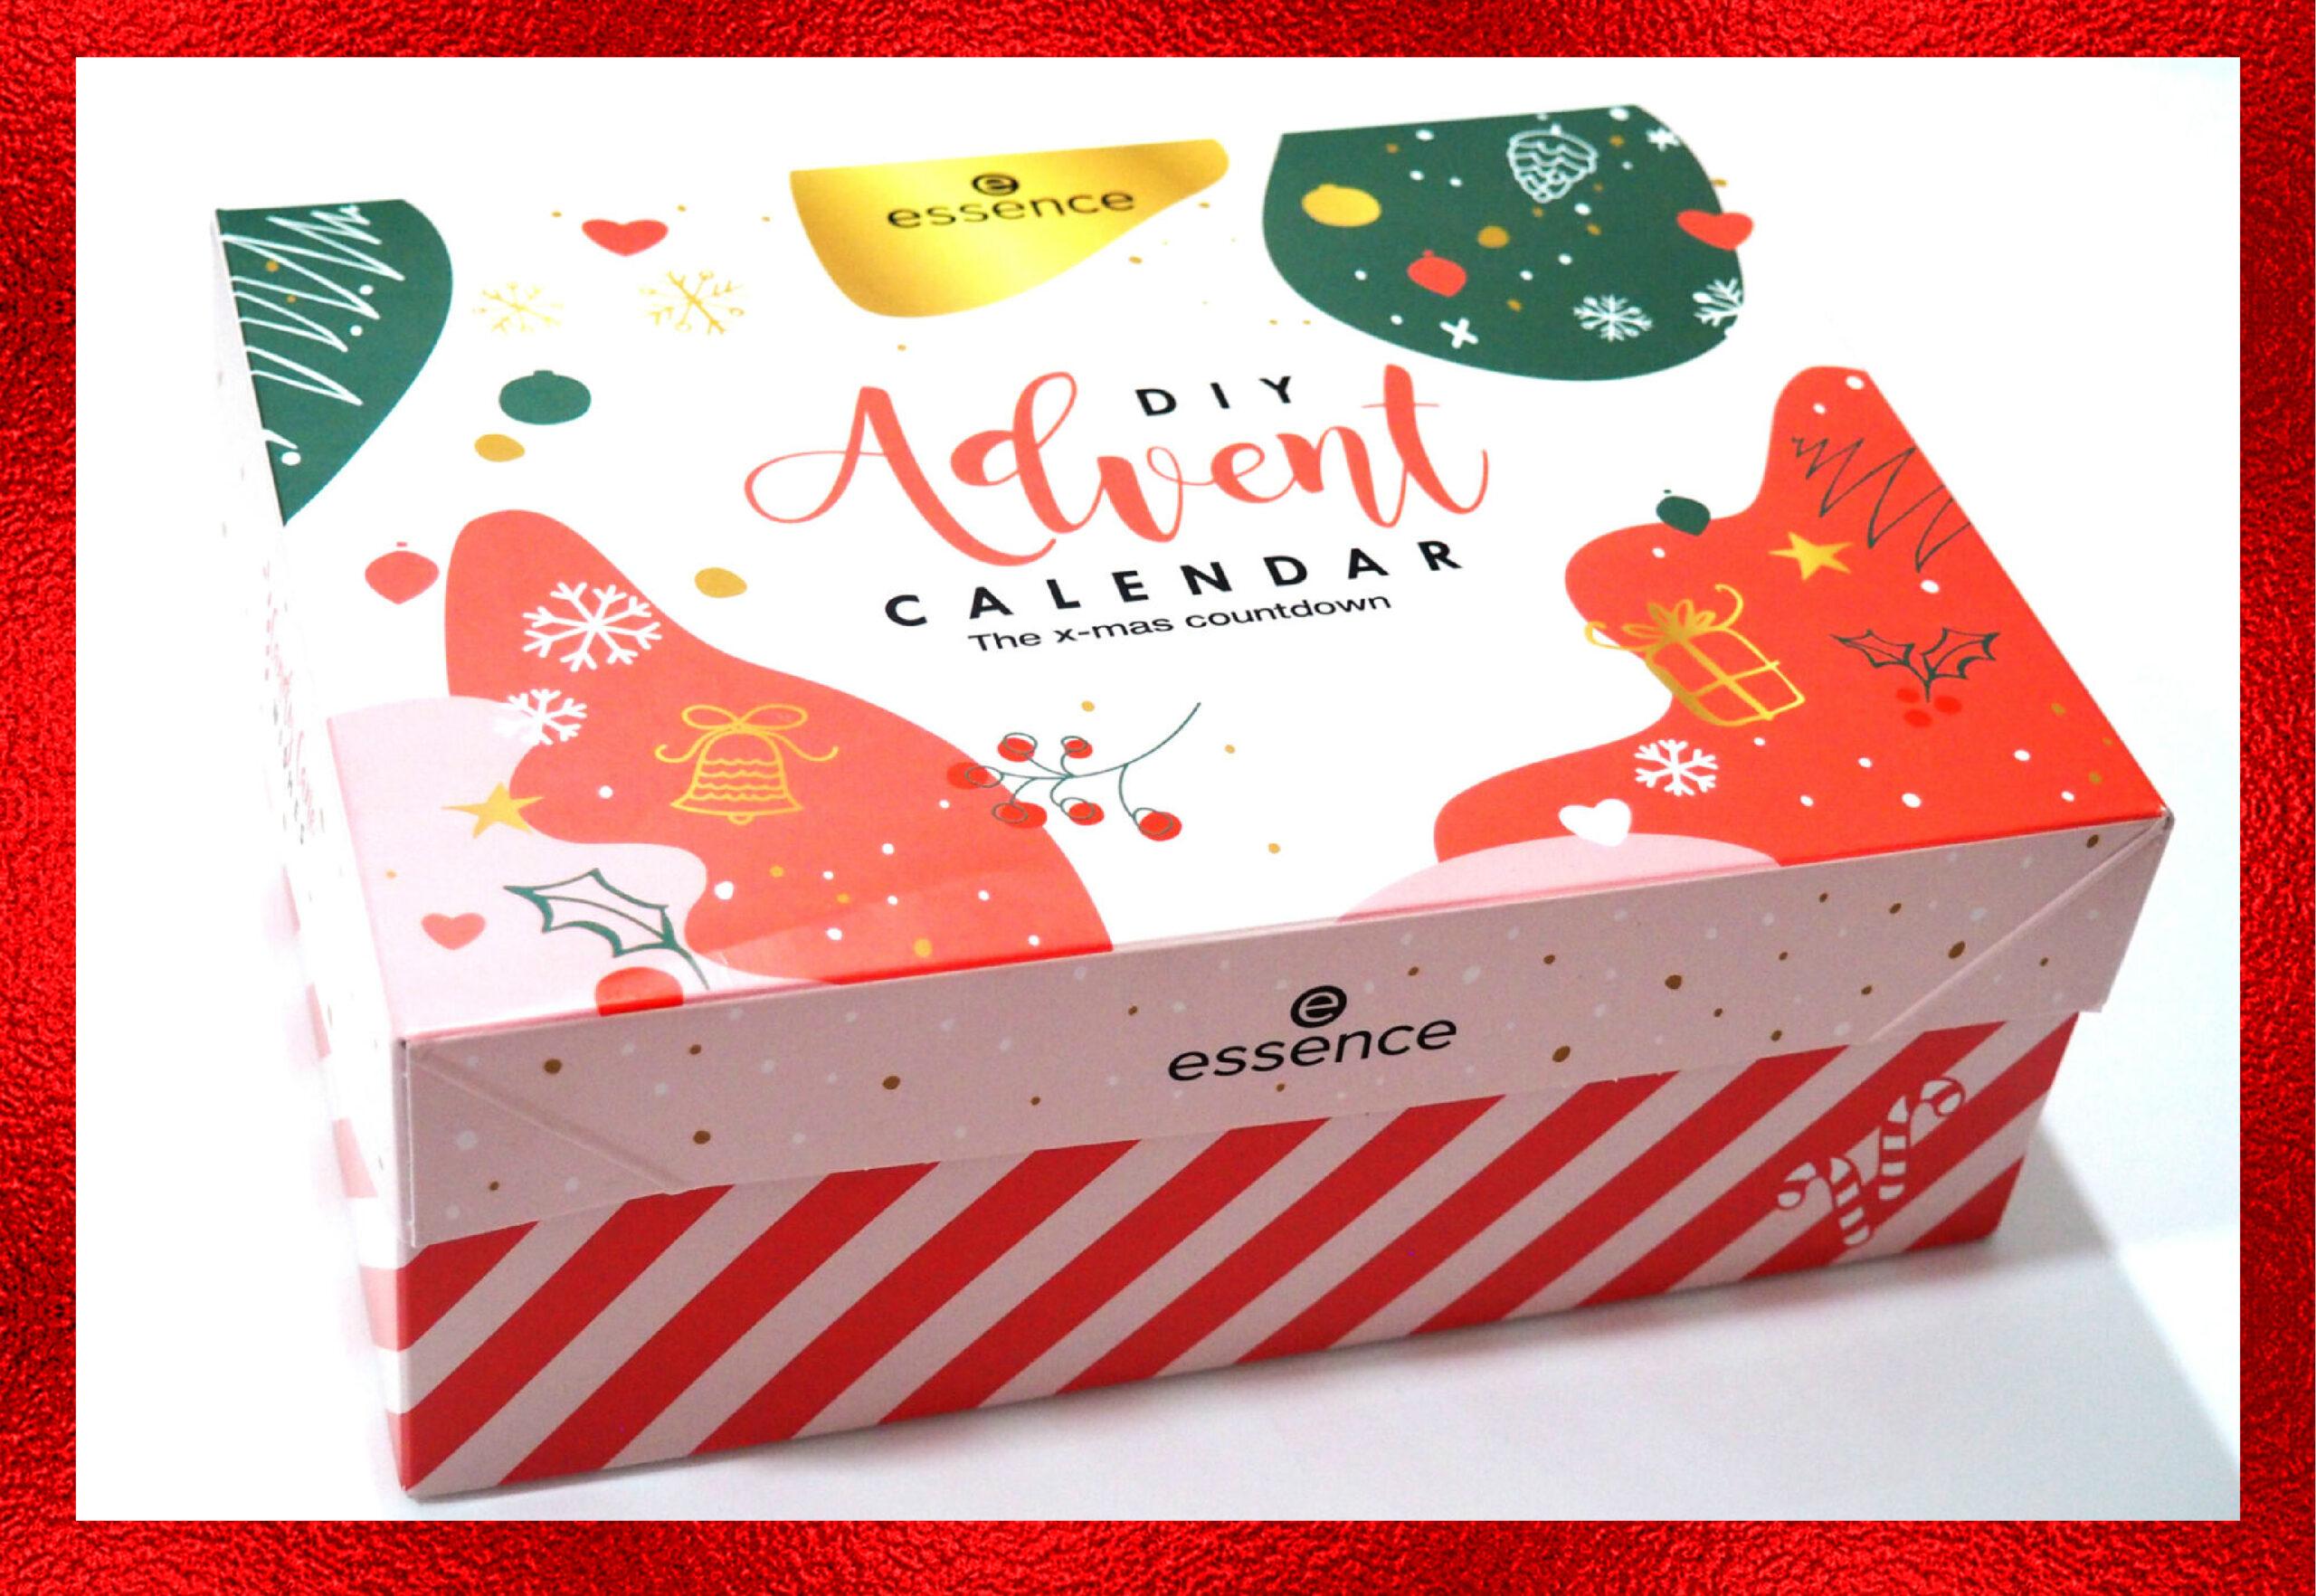 Essence DIY Advent Calendar 2020 Review